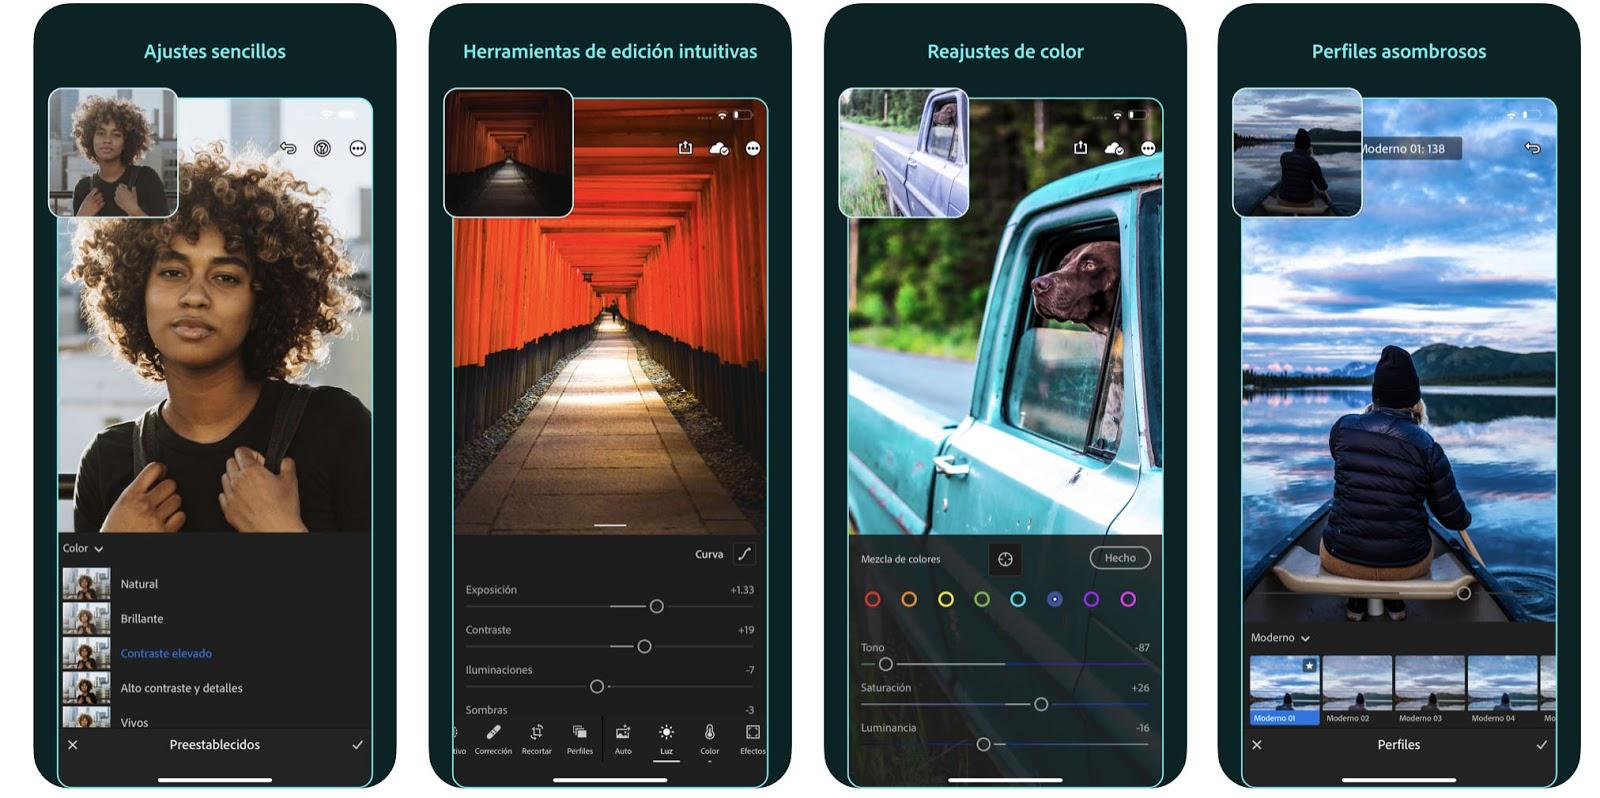 Aplicaciones de Instagram: Adobe Lightroom Photo Editor